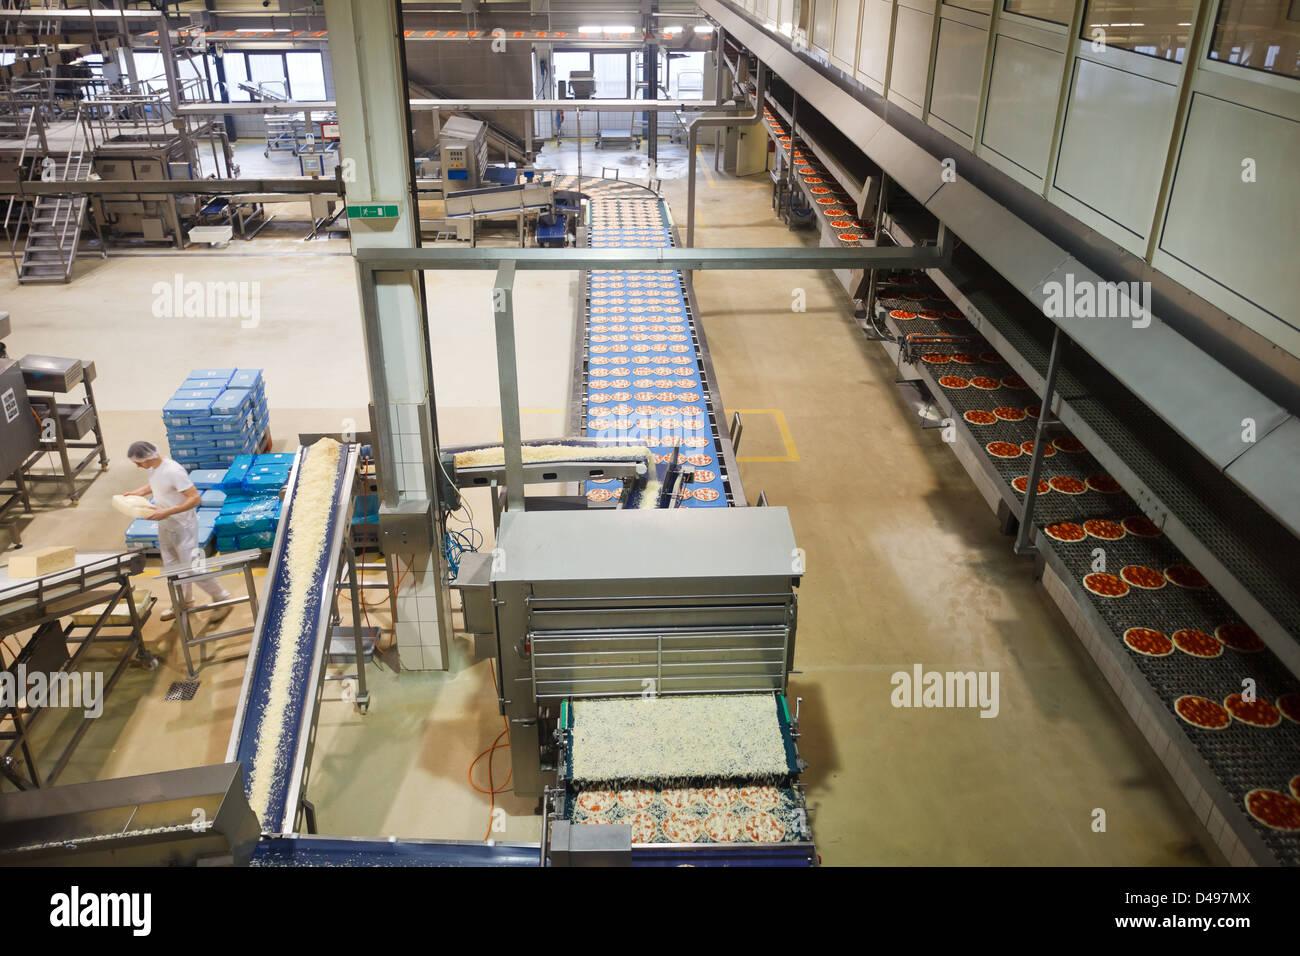 berlin deutschland die produktionshalle bei freiberger lebensmittel stockfoto bild 54293370. Black Bedroom Furniture Sets. Home Design Ideas